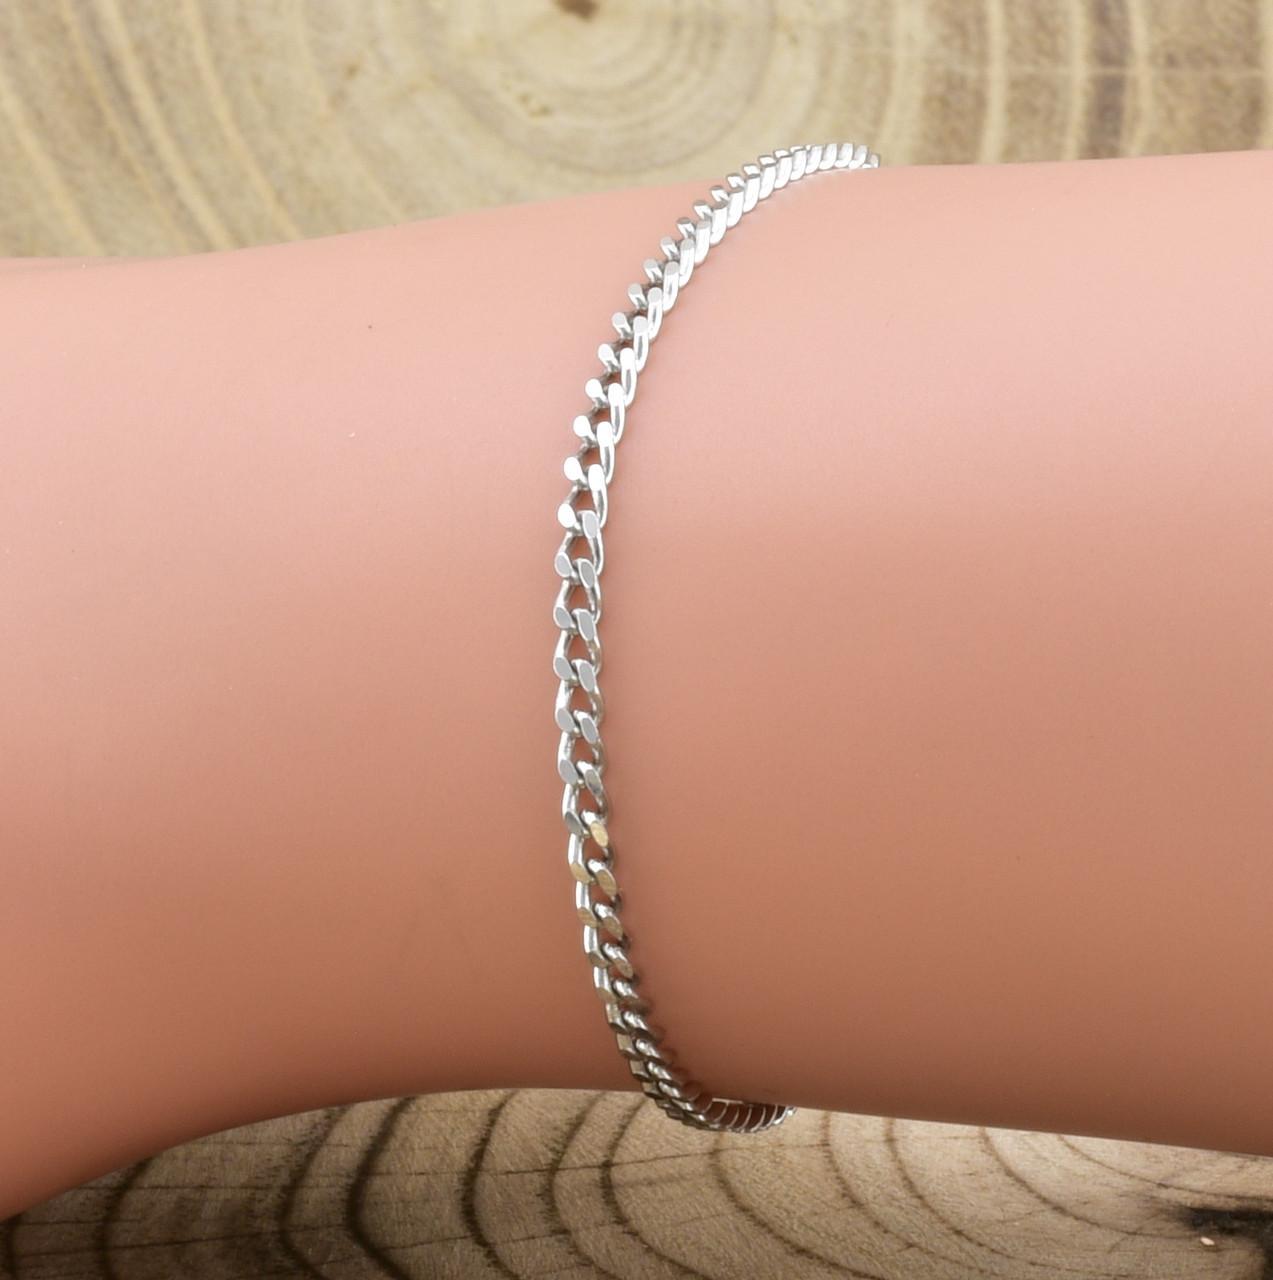 Серебряный браслет родированный Панцирный длина 16 см ширина 2 мм вес серебра 1.6 г